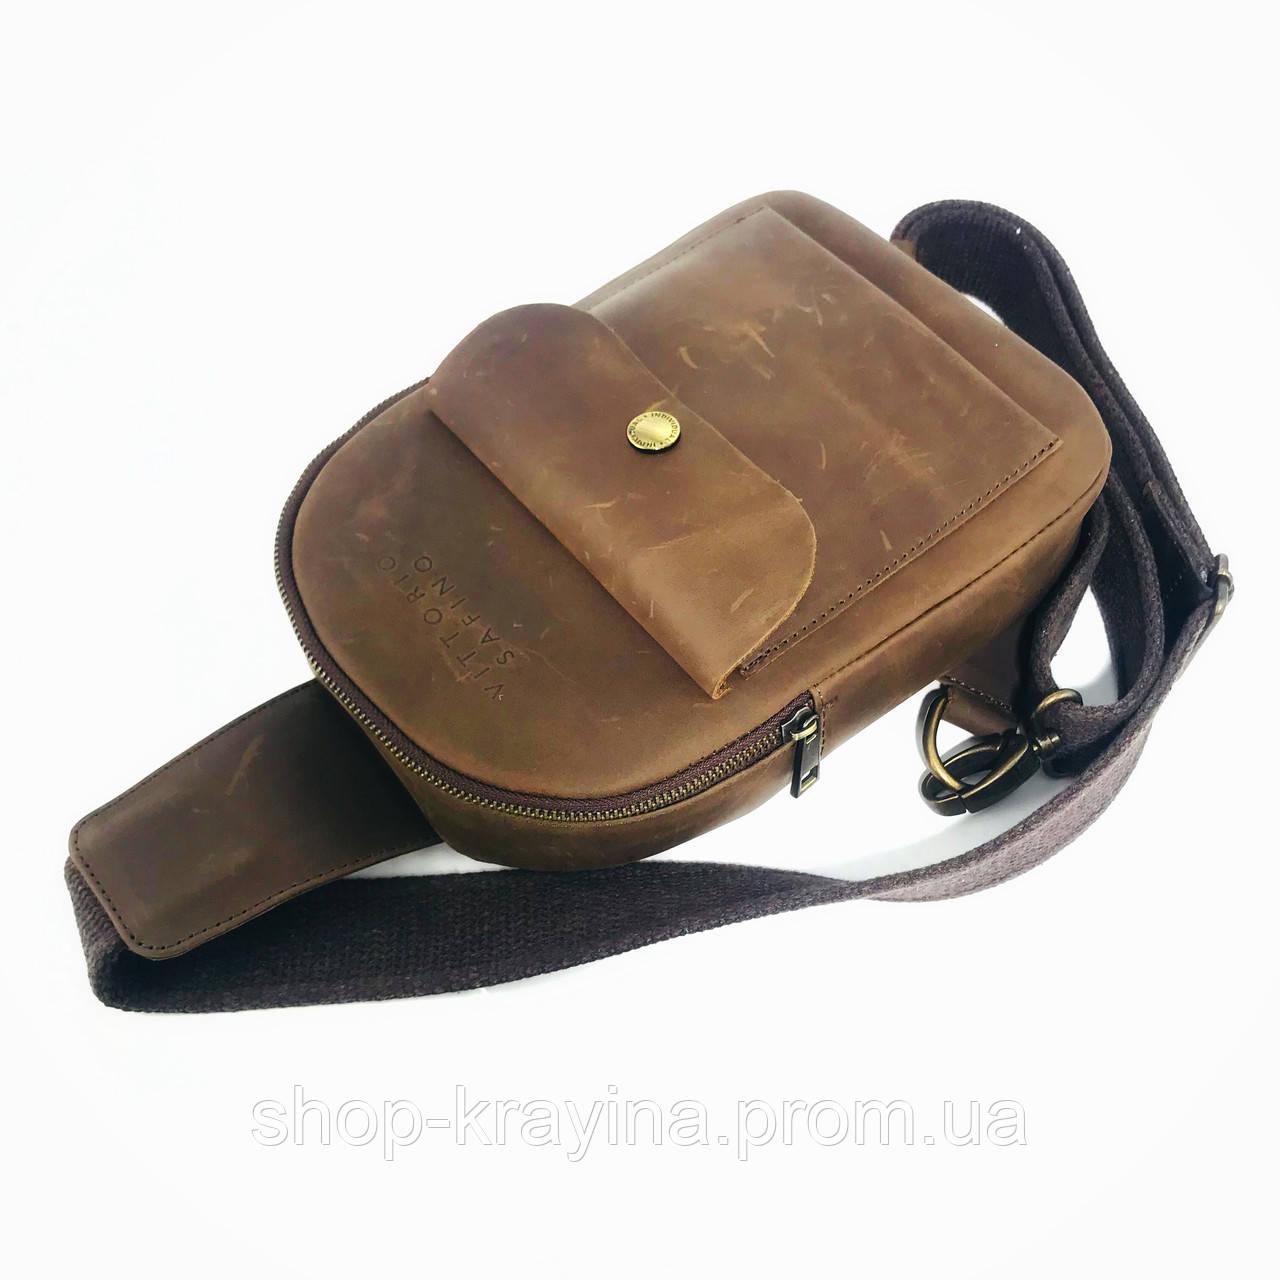 Мужская стильная сумка VS006 Crazy horse brown